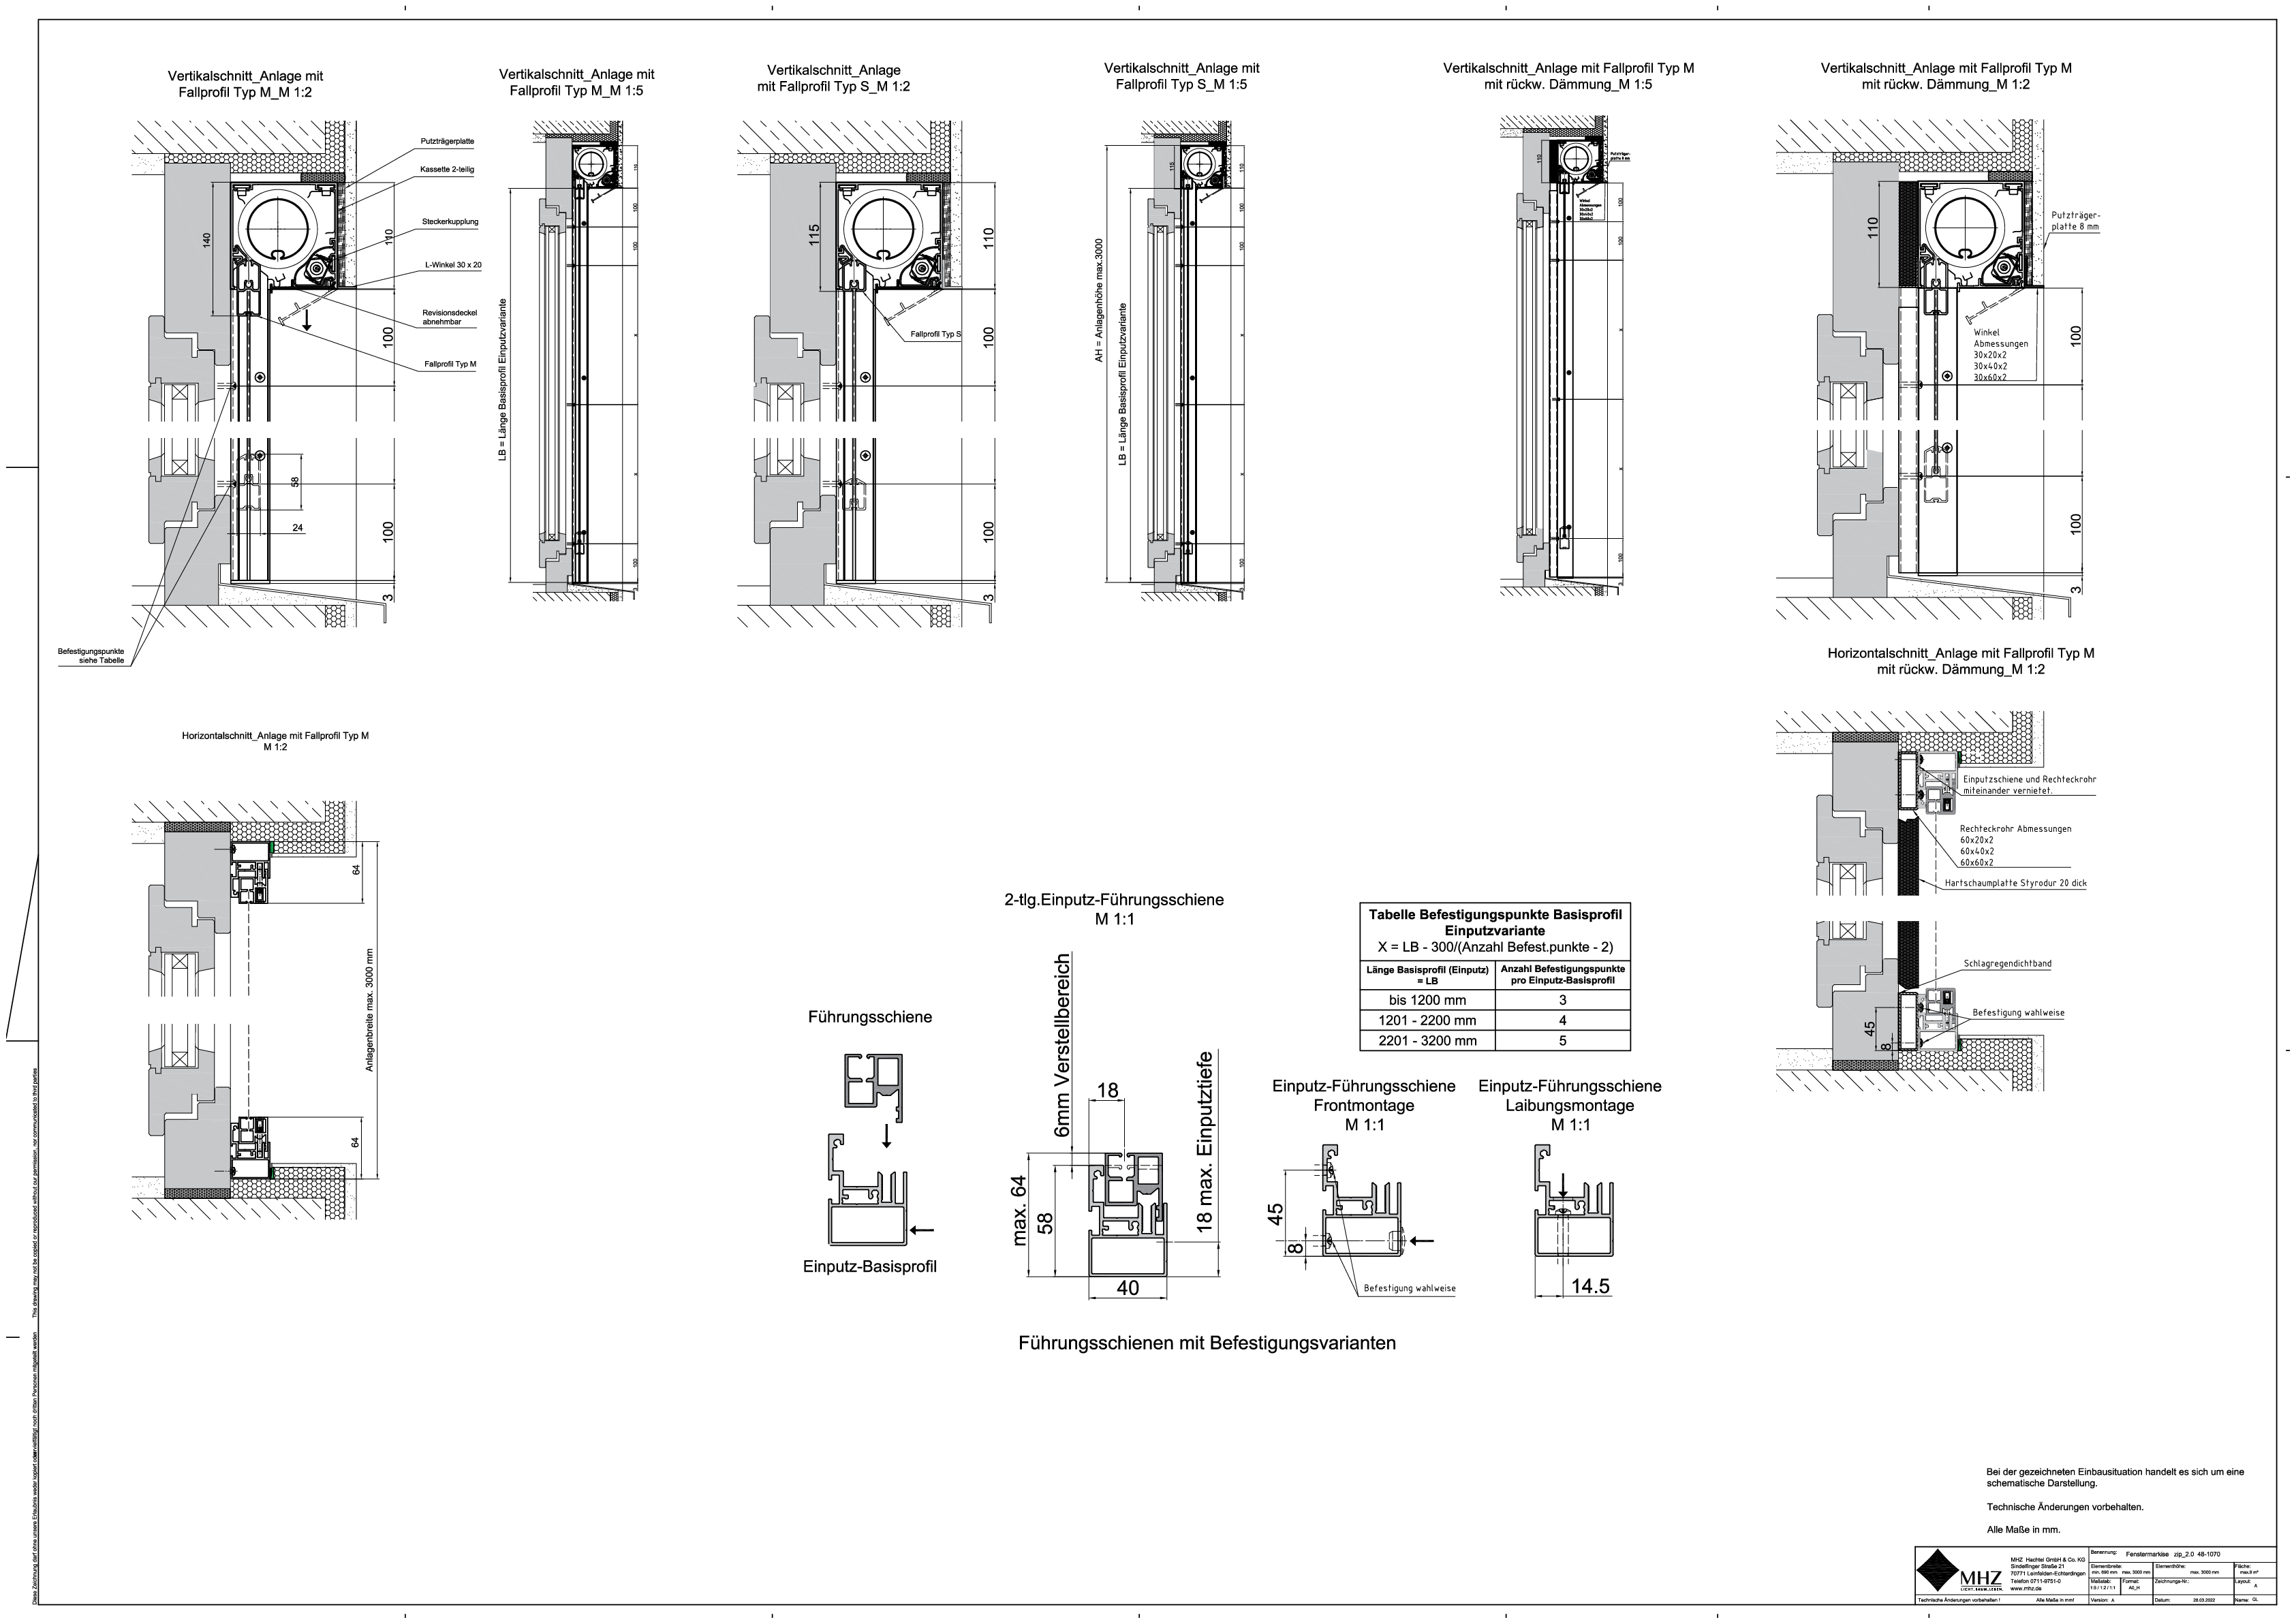 Technische Zeichnung Fenstermarkisen zip_2.0 48-1070 (pdf)